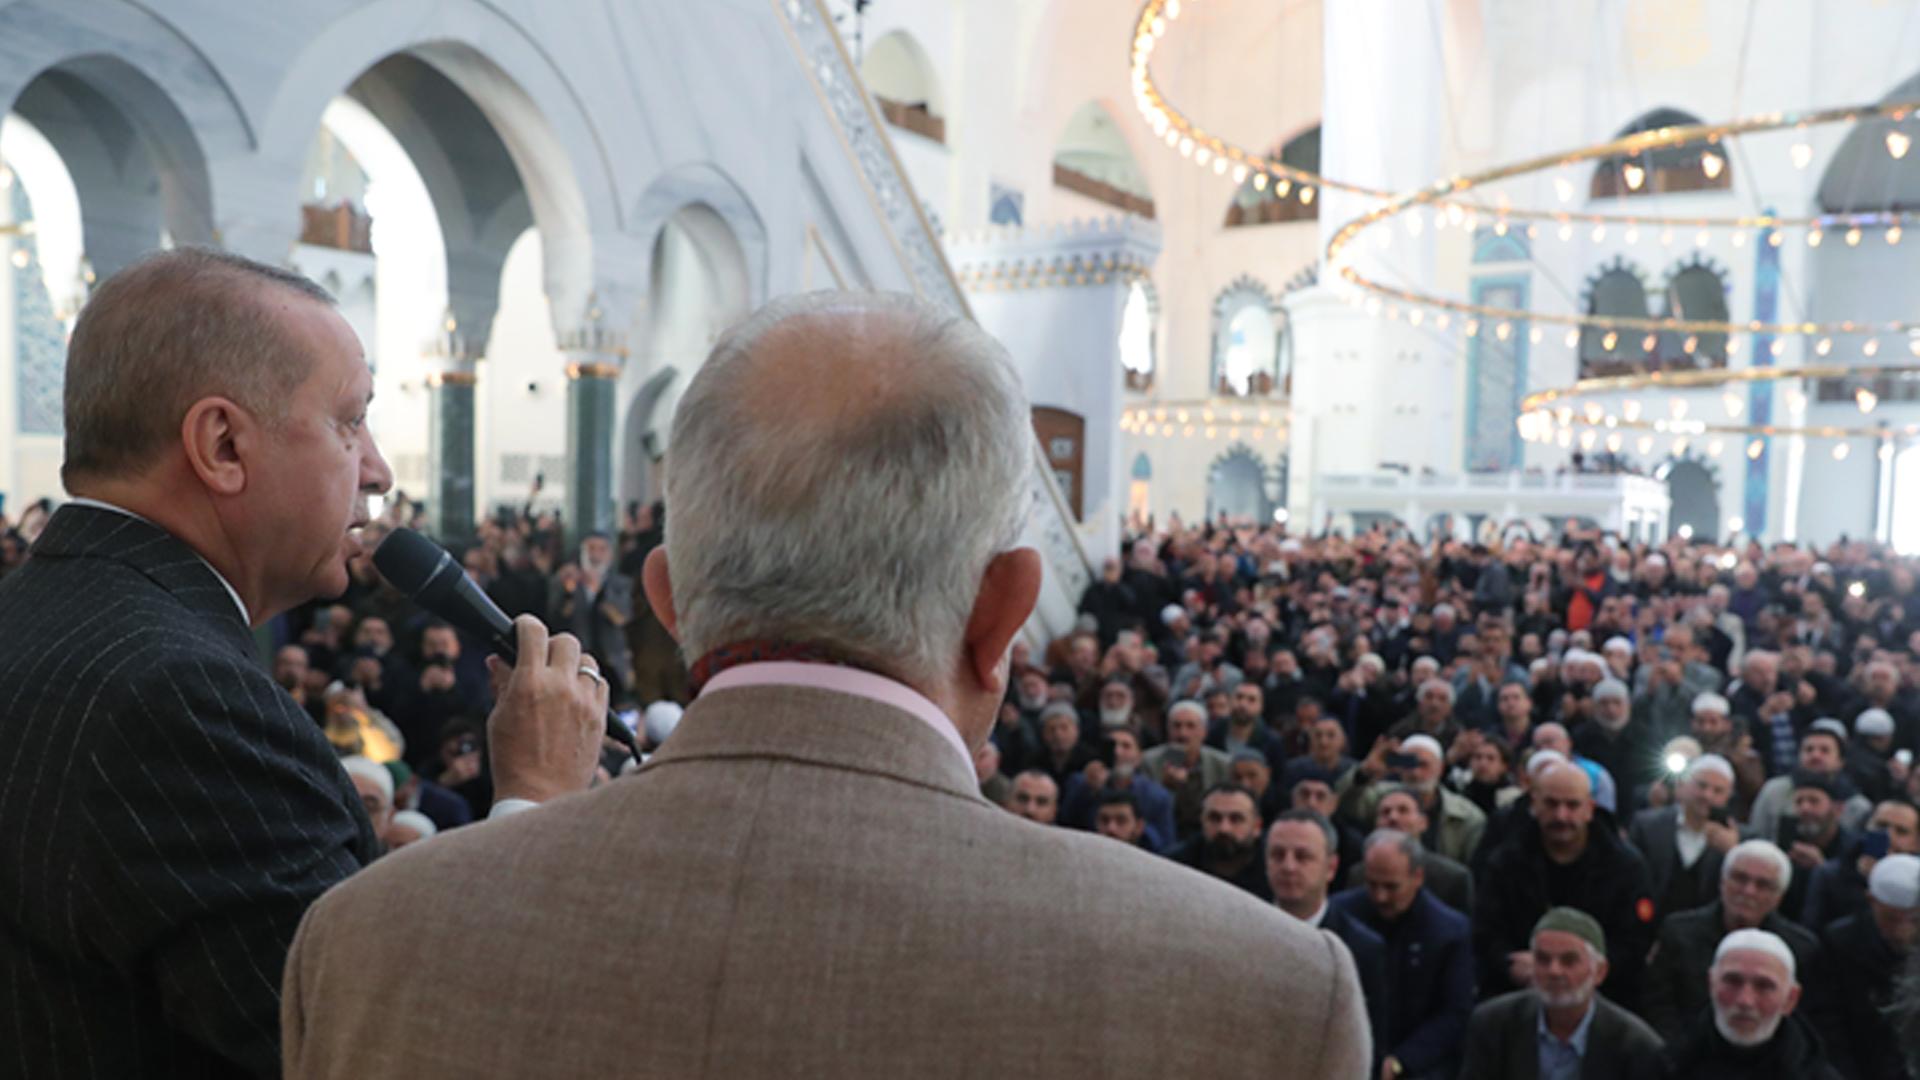 Cumhurbaşkanı Erdoğan: Müslüman'ın Müslüman ile savaşı durdu